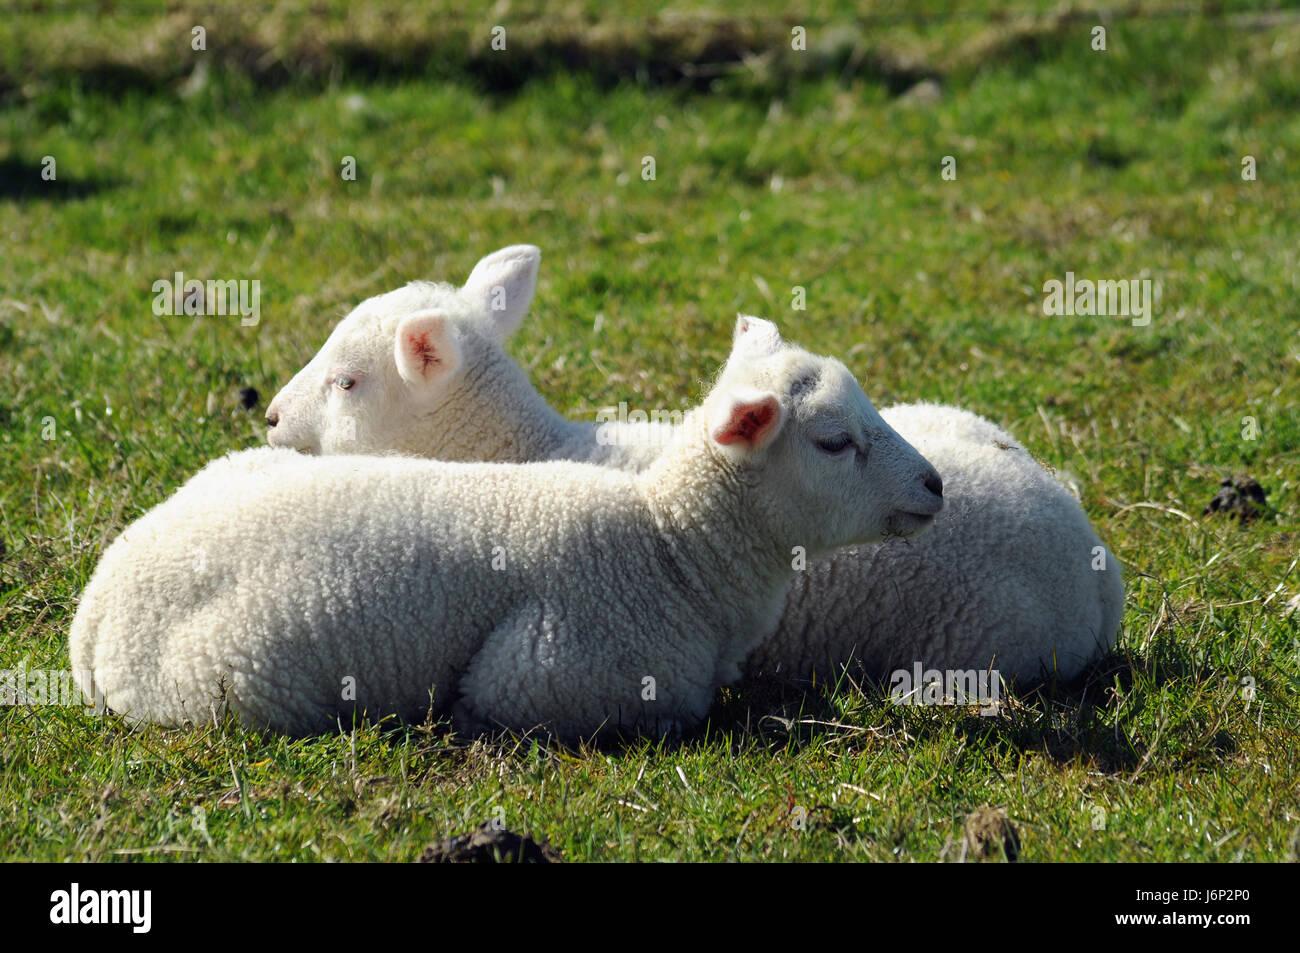 tier schaf deich nordfriesland baby lamm natur tiere haustiere schafe l mmchen stockfoto bild. Black Bedroom Furniture Sets. Home Design Ideas